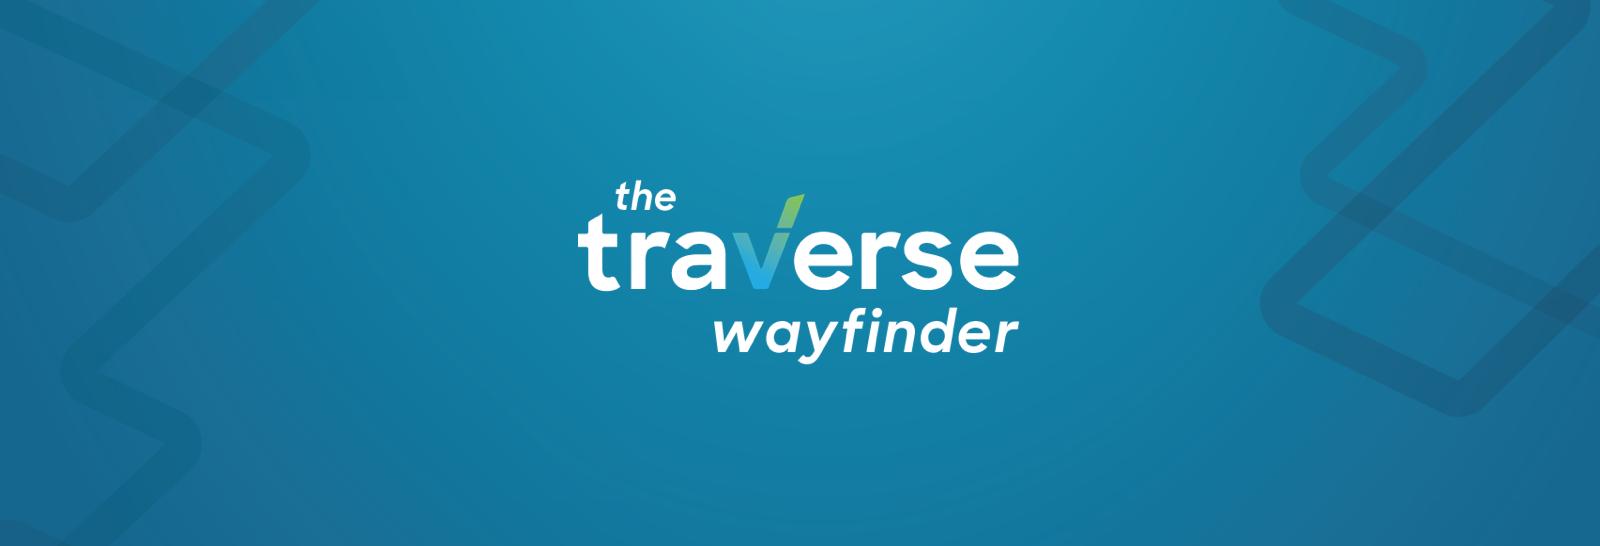 traverse-wayfinder-banner@2x